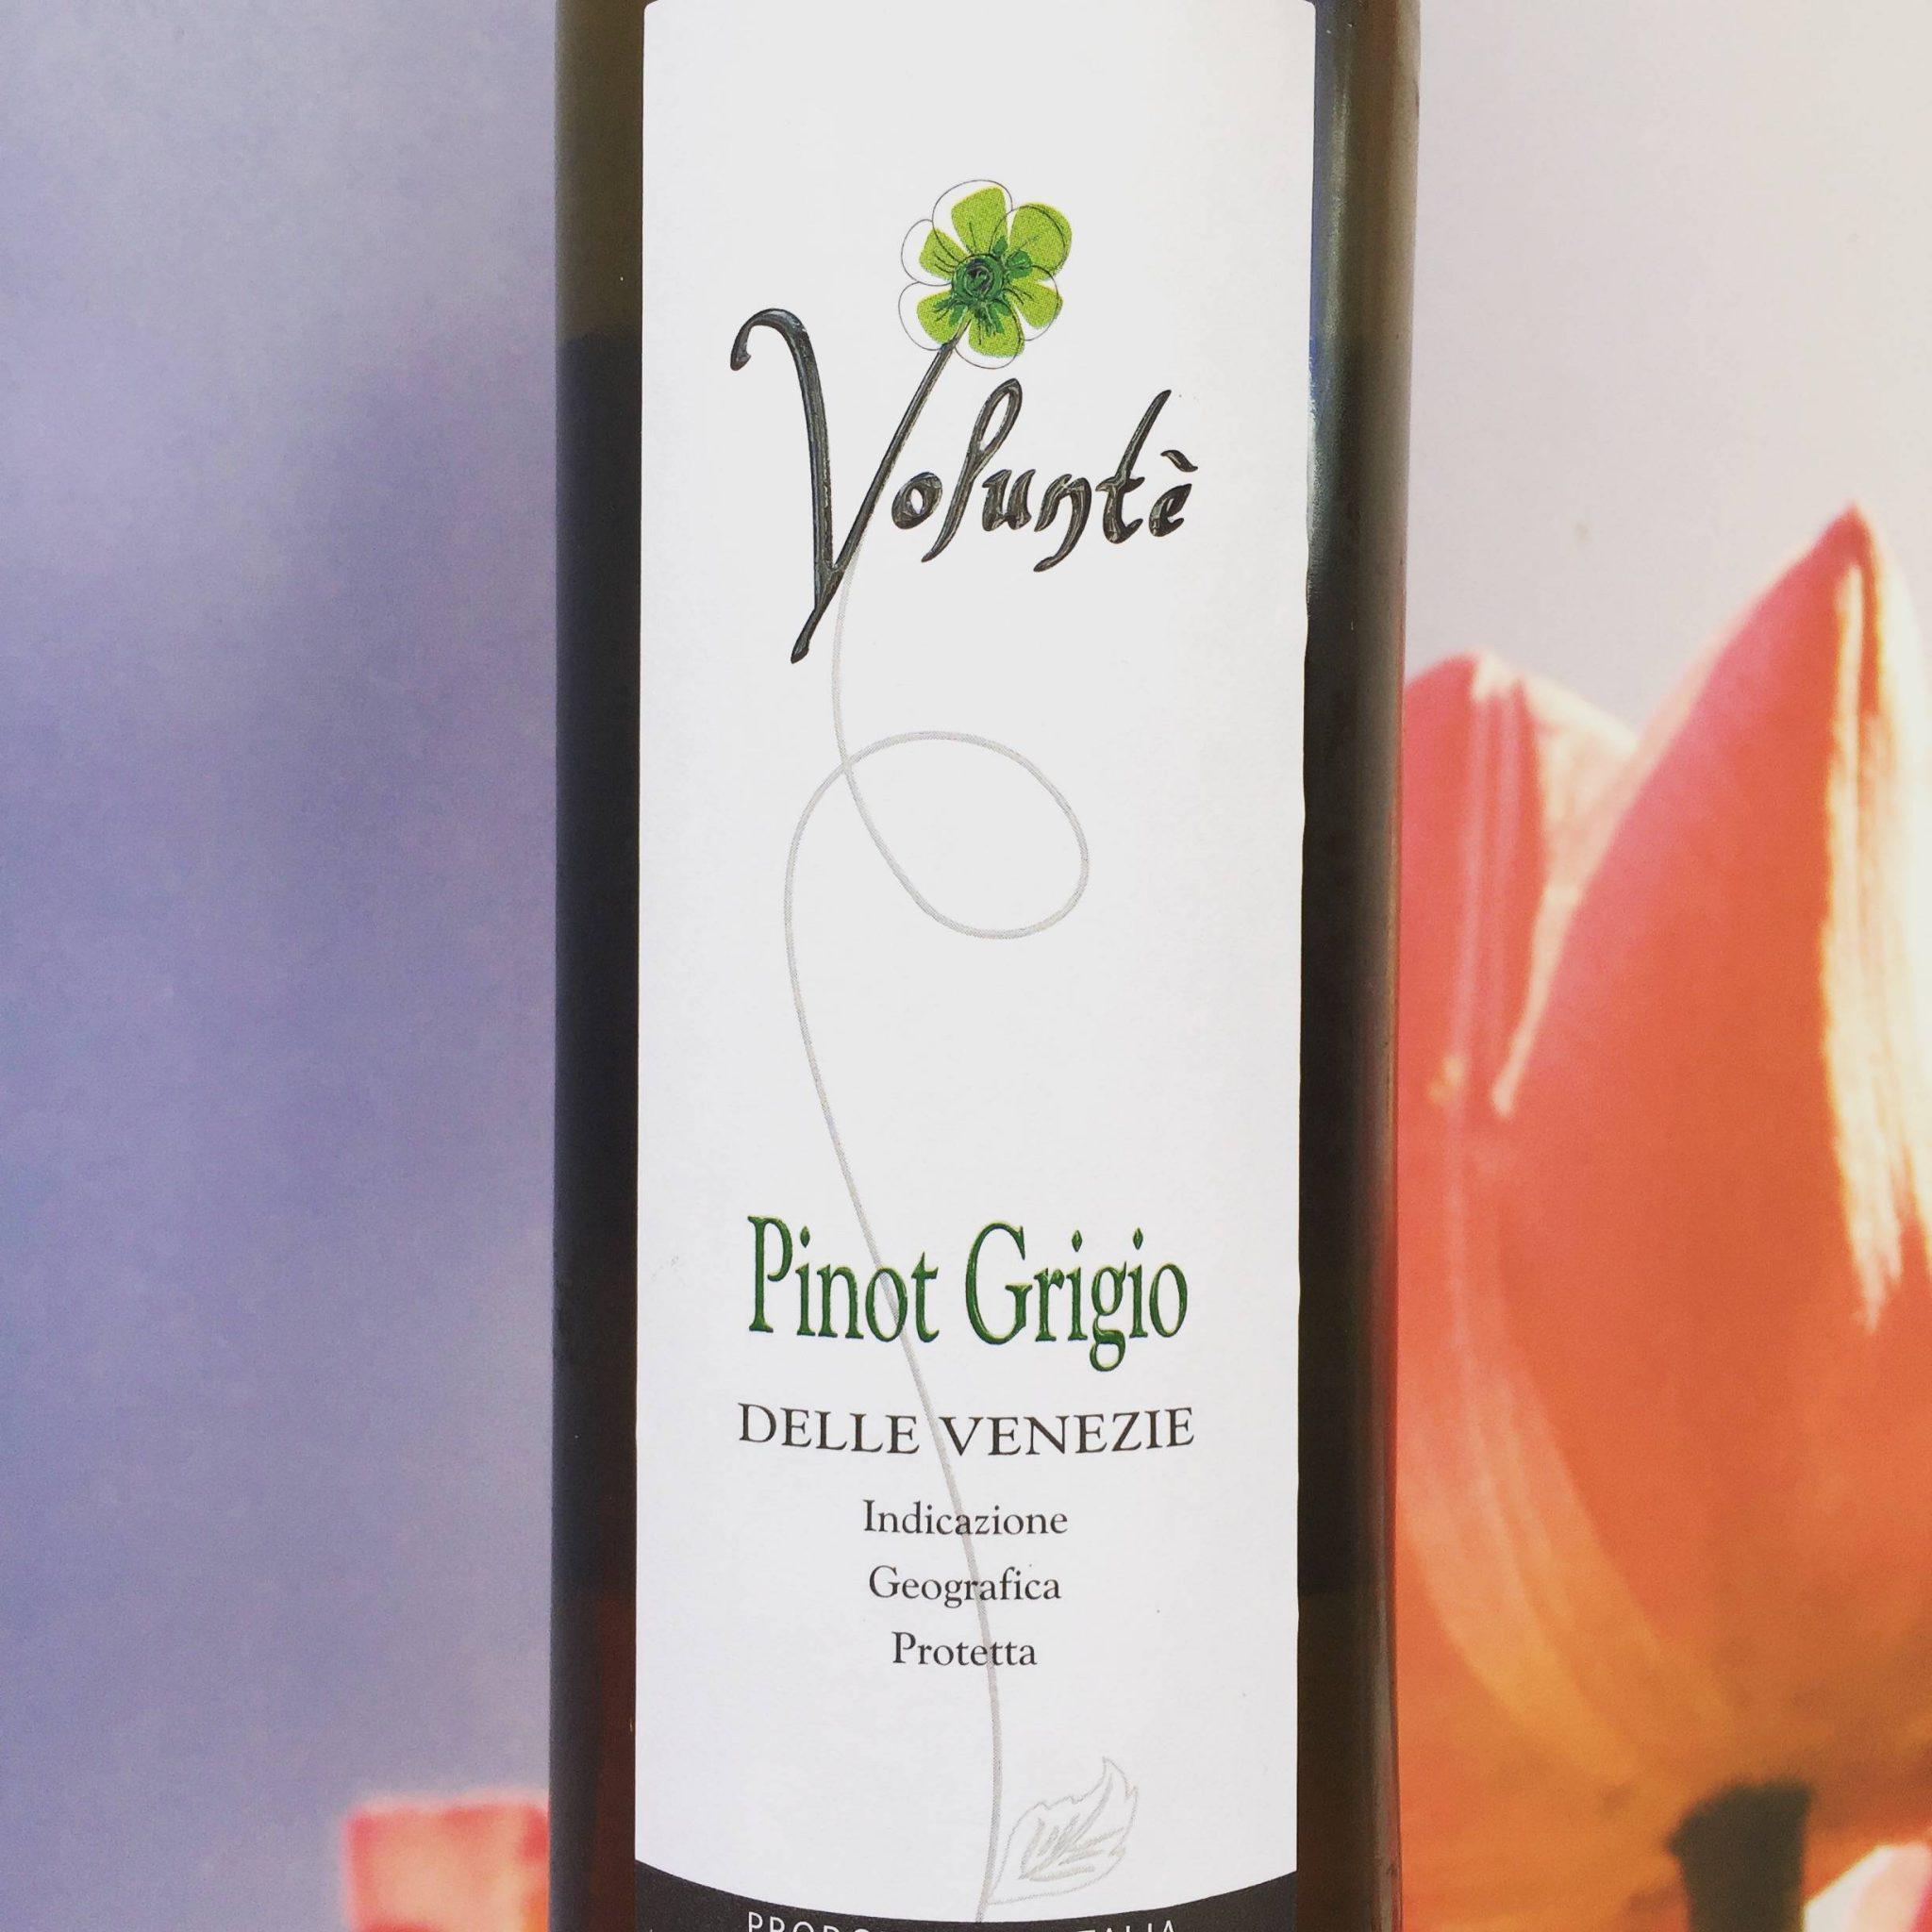 Volunté Pinot Grigio wijnreview door Mama Drinkt Wijn, vinoloog sinds 2006